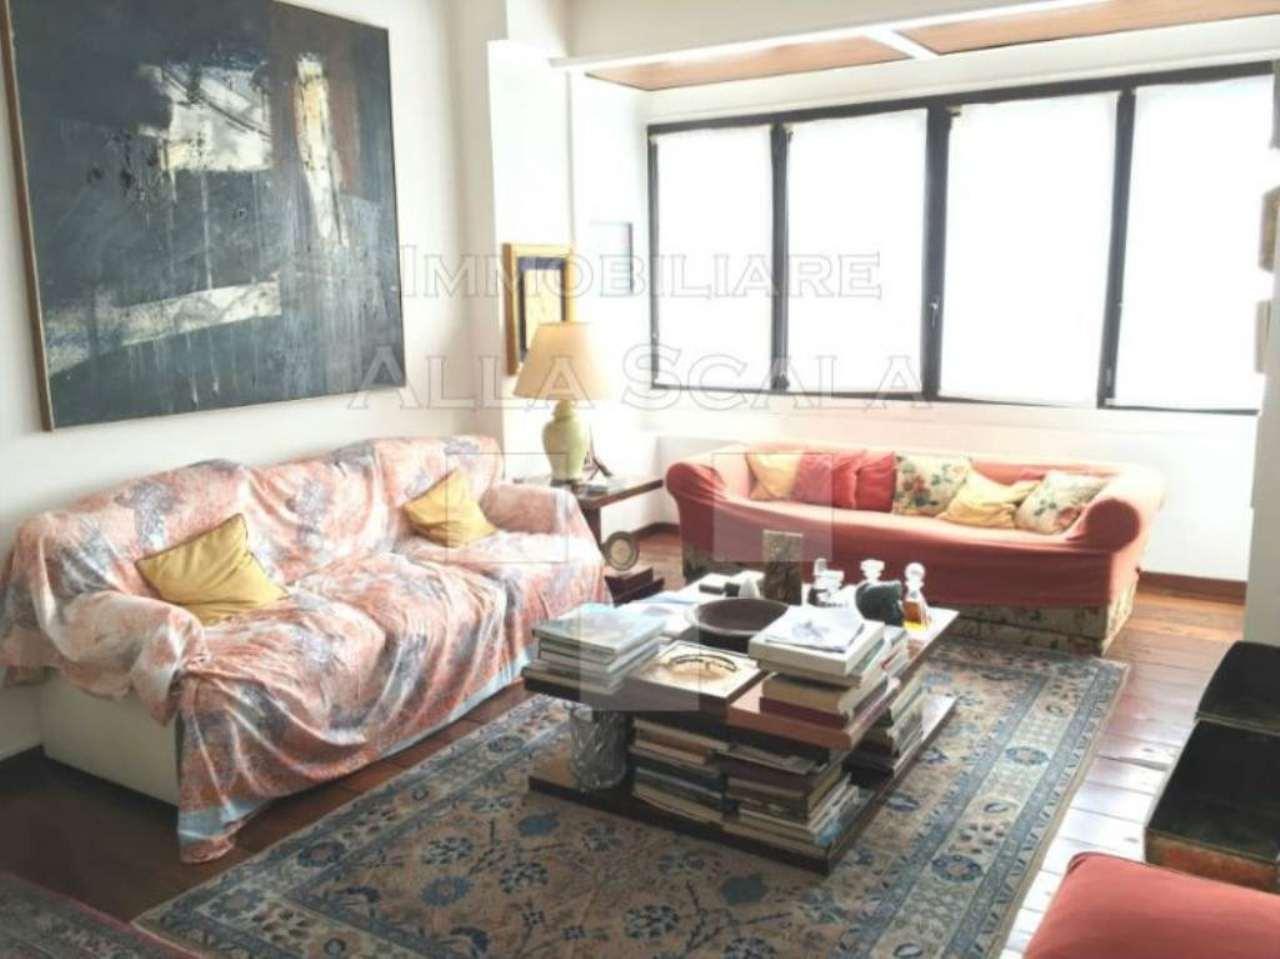 Appartamento in Vendita a Milano: 5 locali, 215 mq - Foto 2